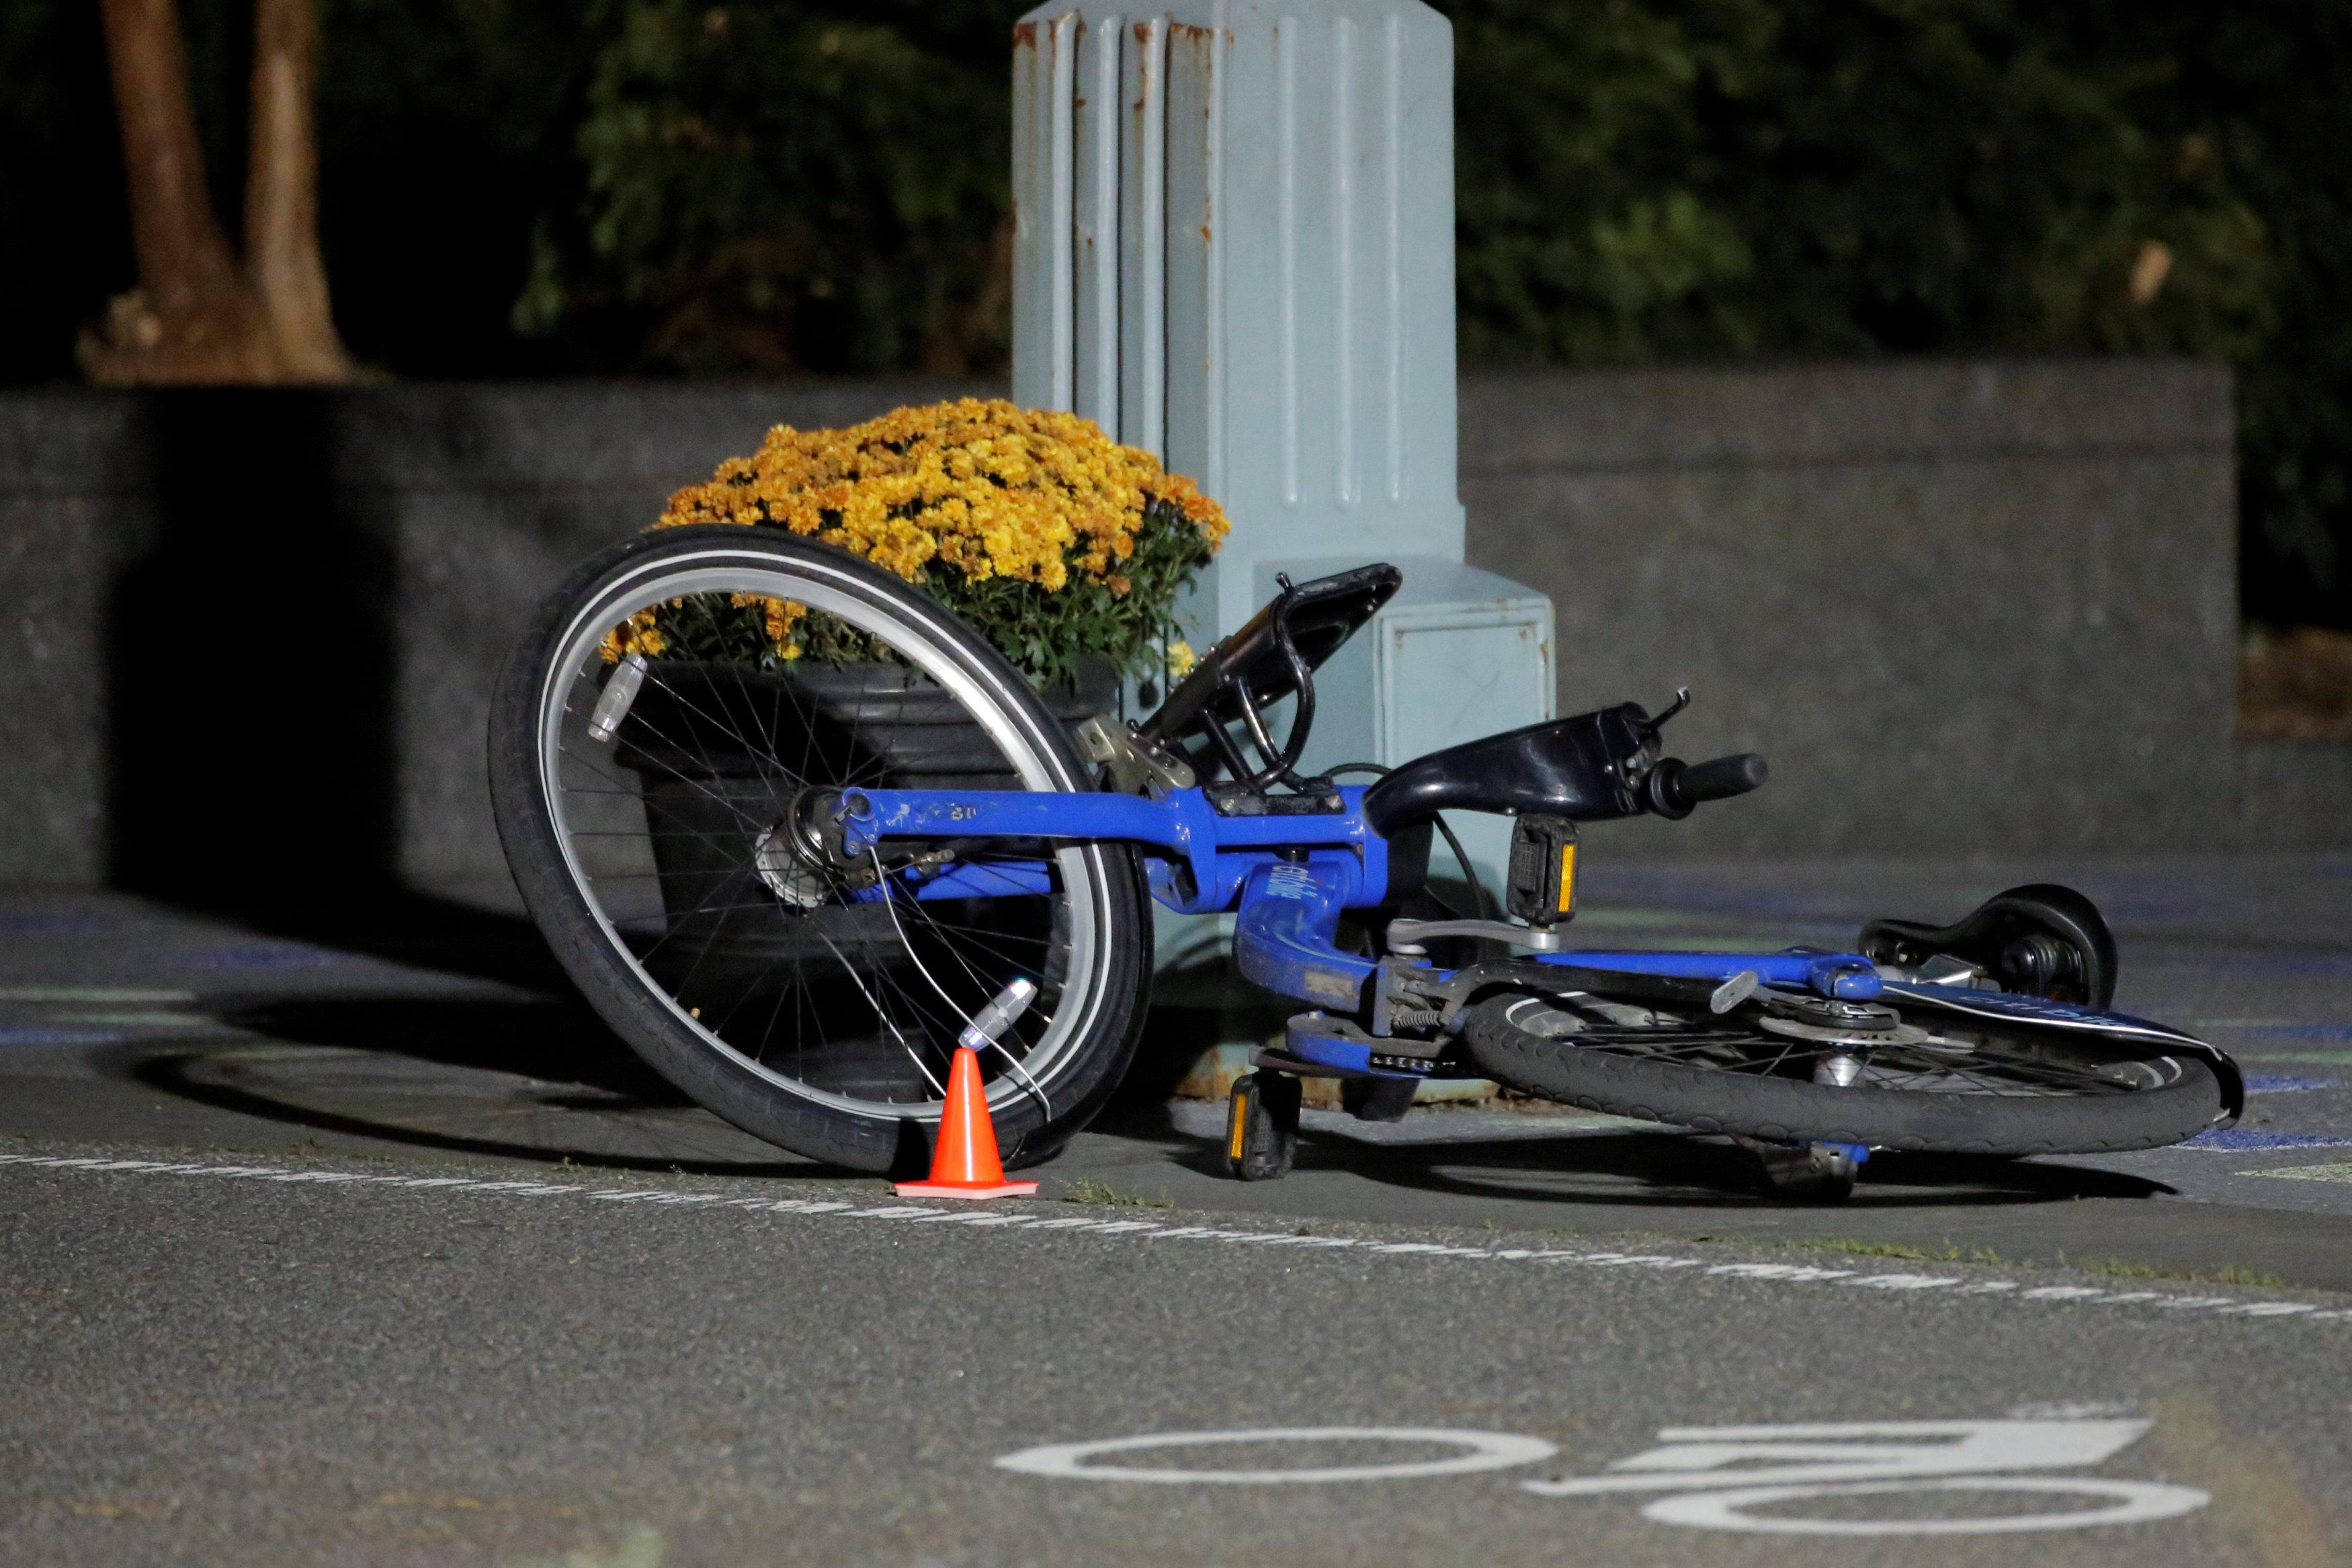 Estados Unidos expresó sus condolencias por las víctimas rosarinas en el atentado